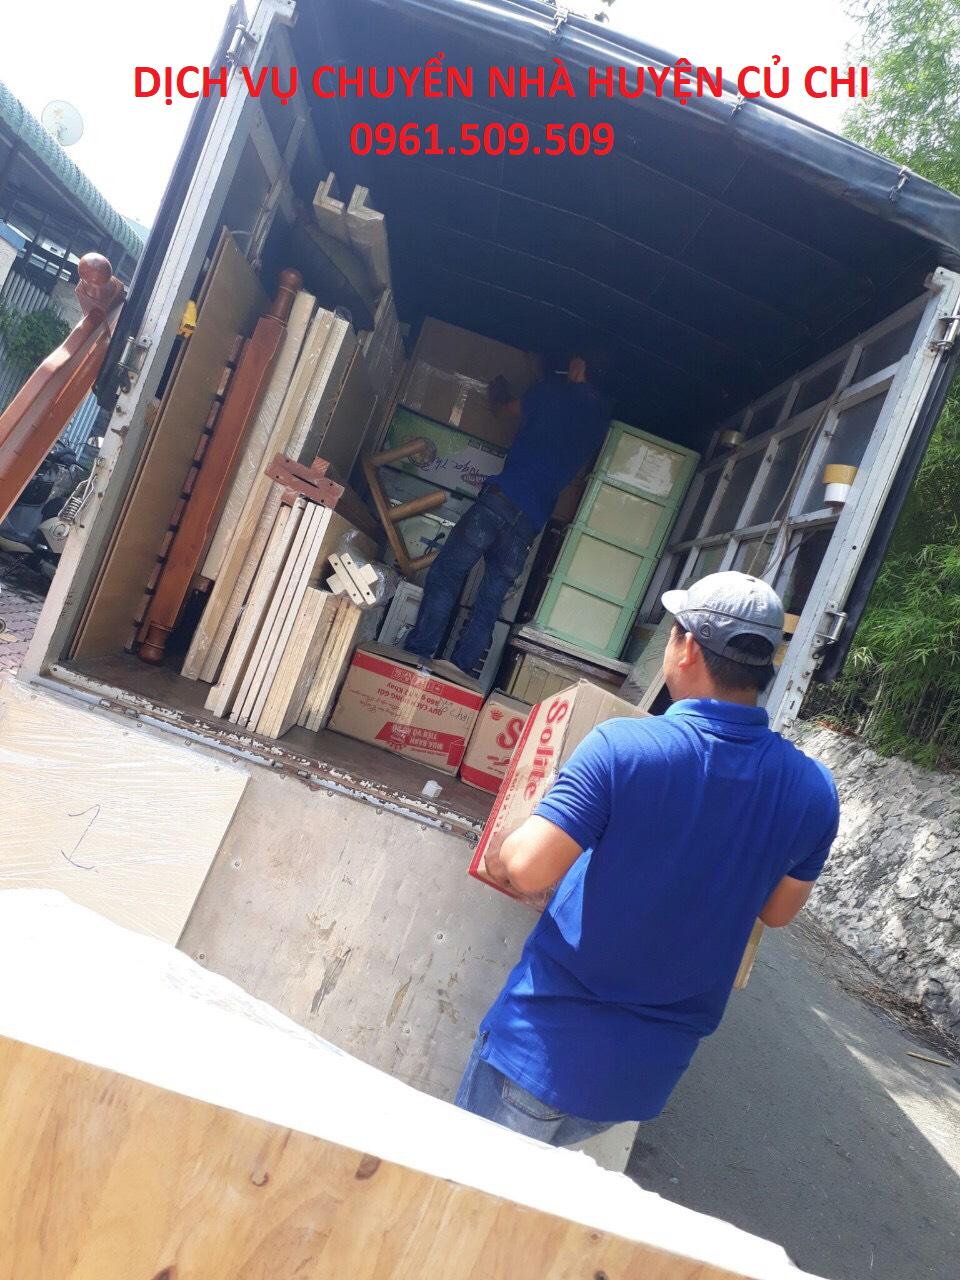 dịch vụ chuyển nhà huyện củ chi